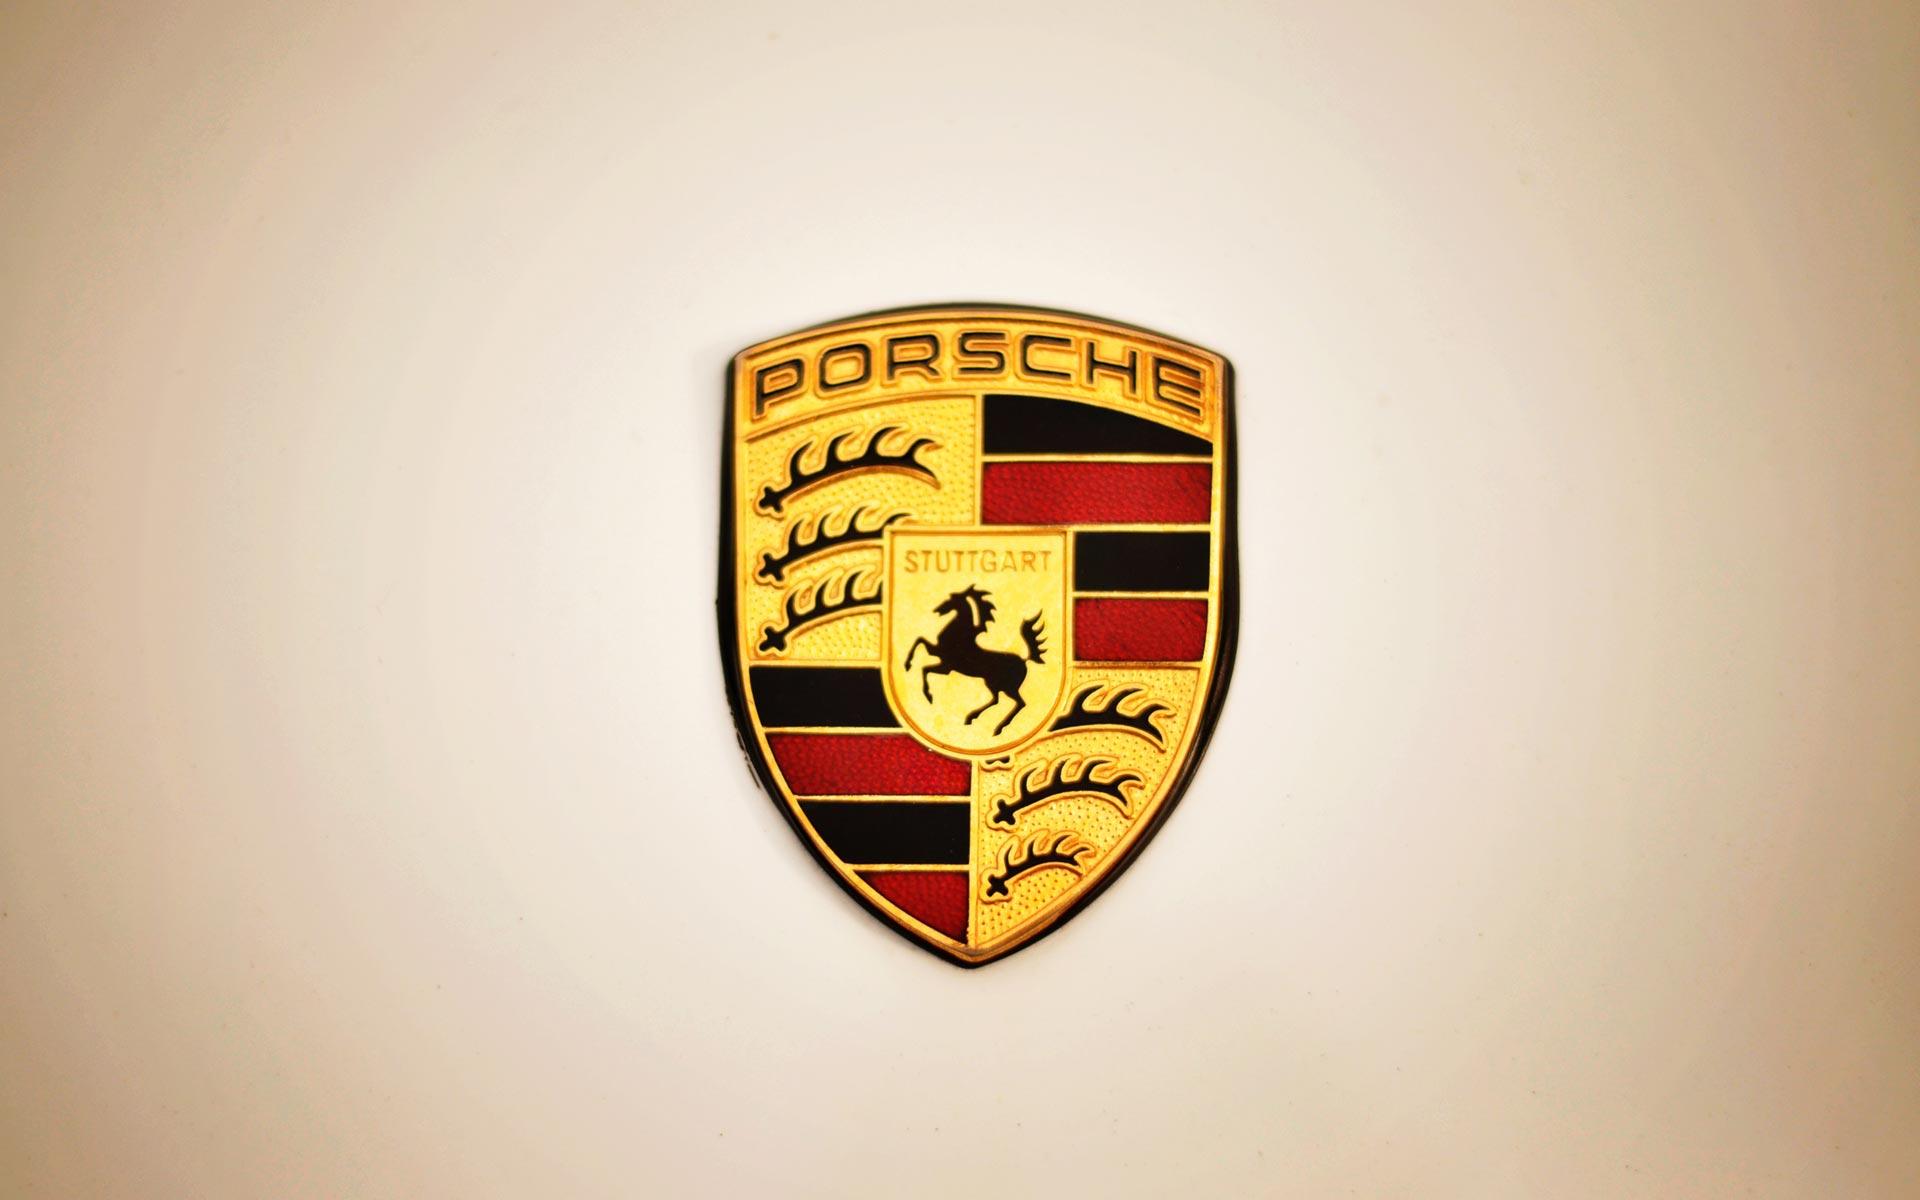 Amazing Wallpaper Logo Cell Phone - Porsche-Emblem-Wallpapers-051  Trends_2735100.jpg